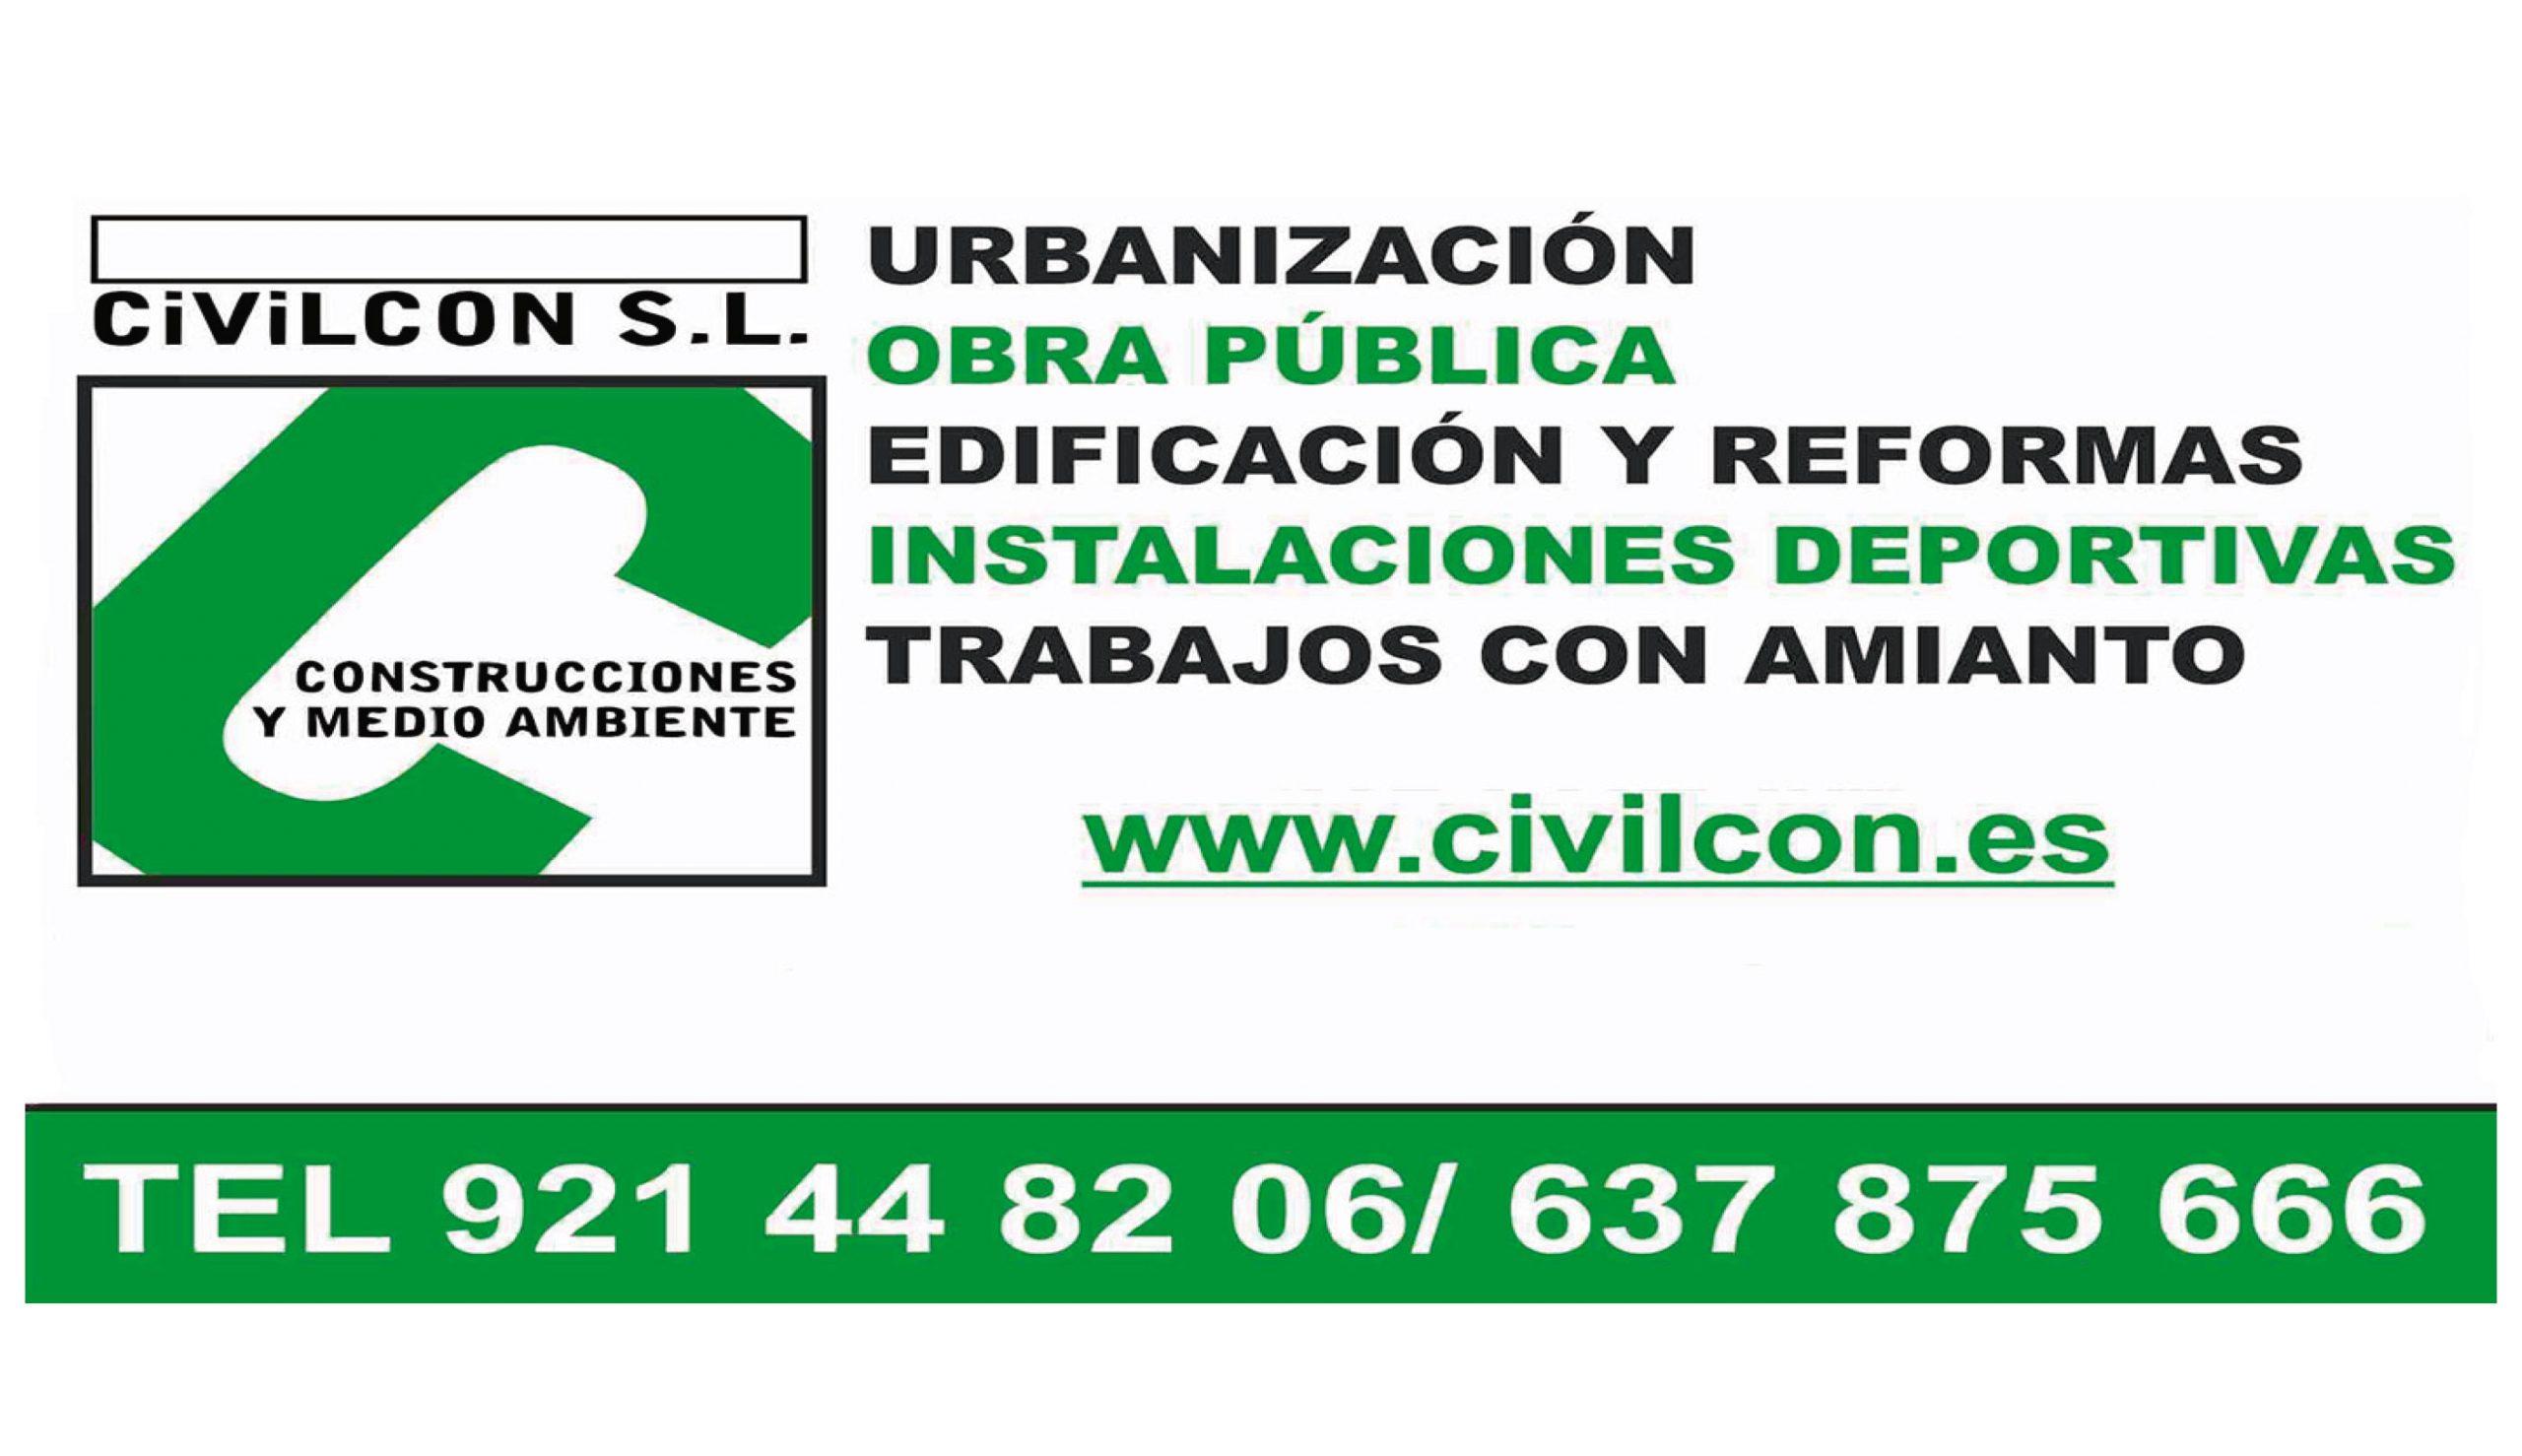 Civilcon, S.L